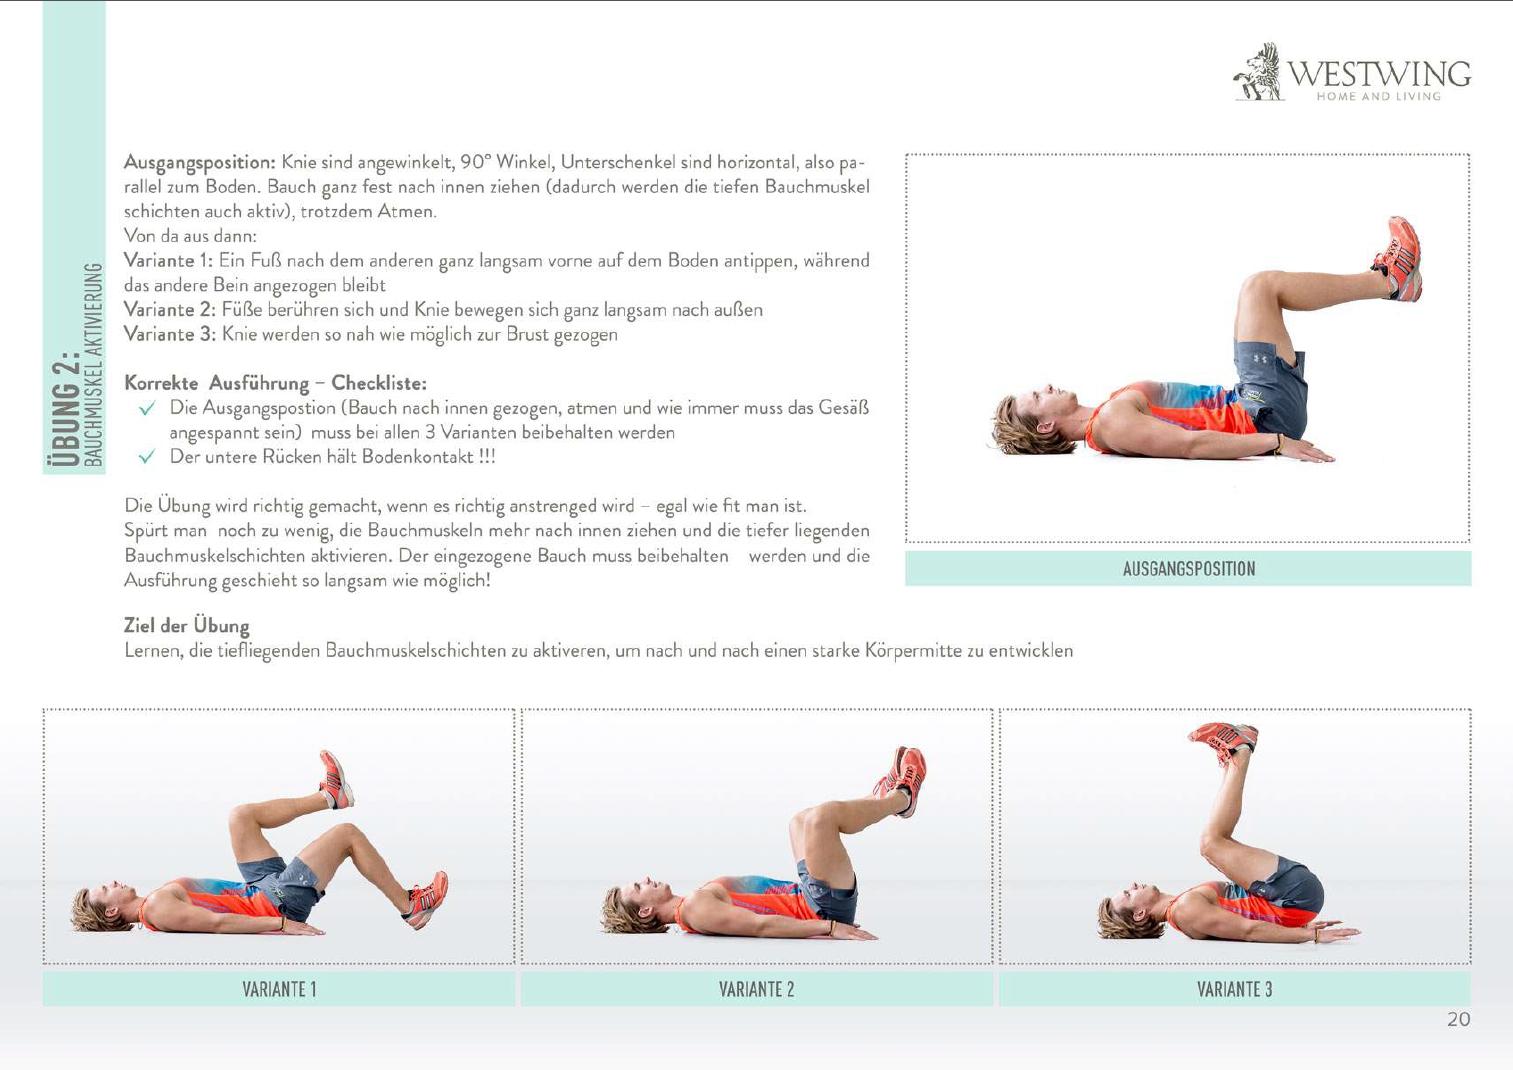 Westwing Rückenschmerzen 2